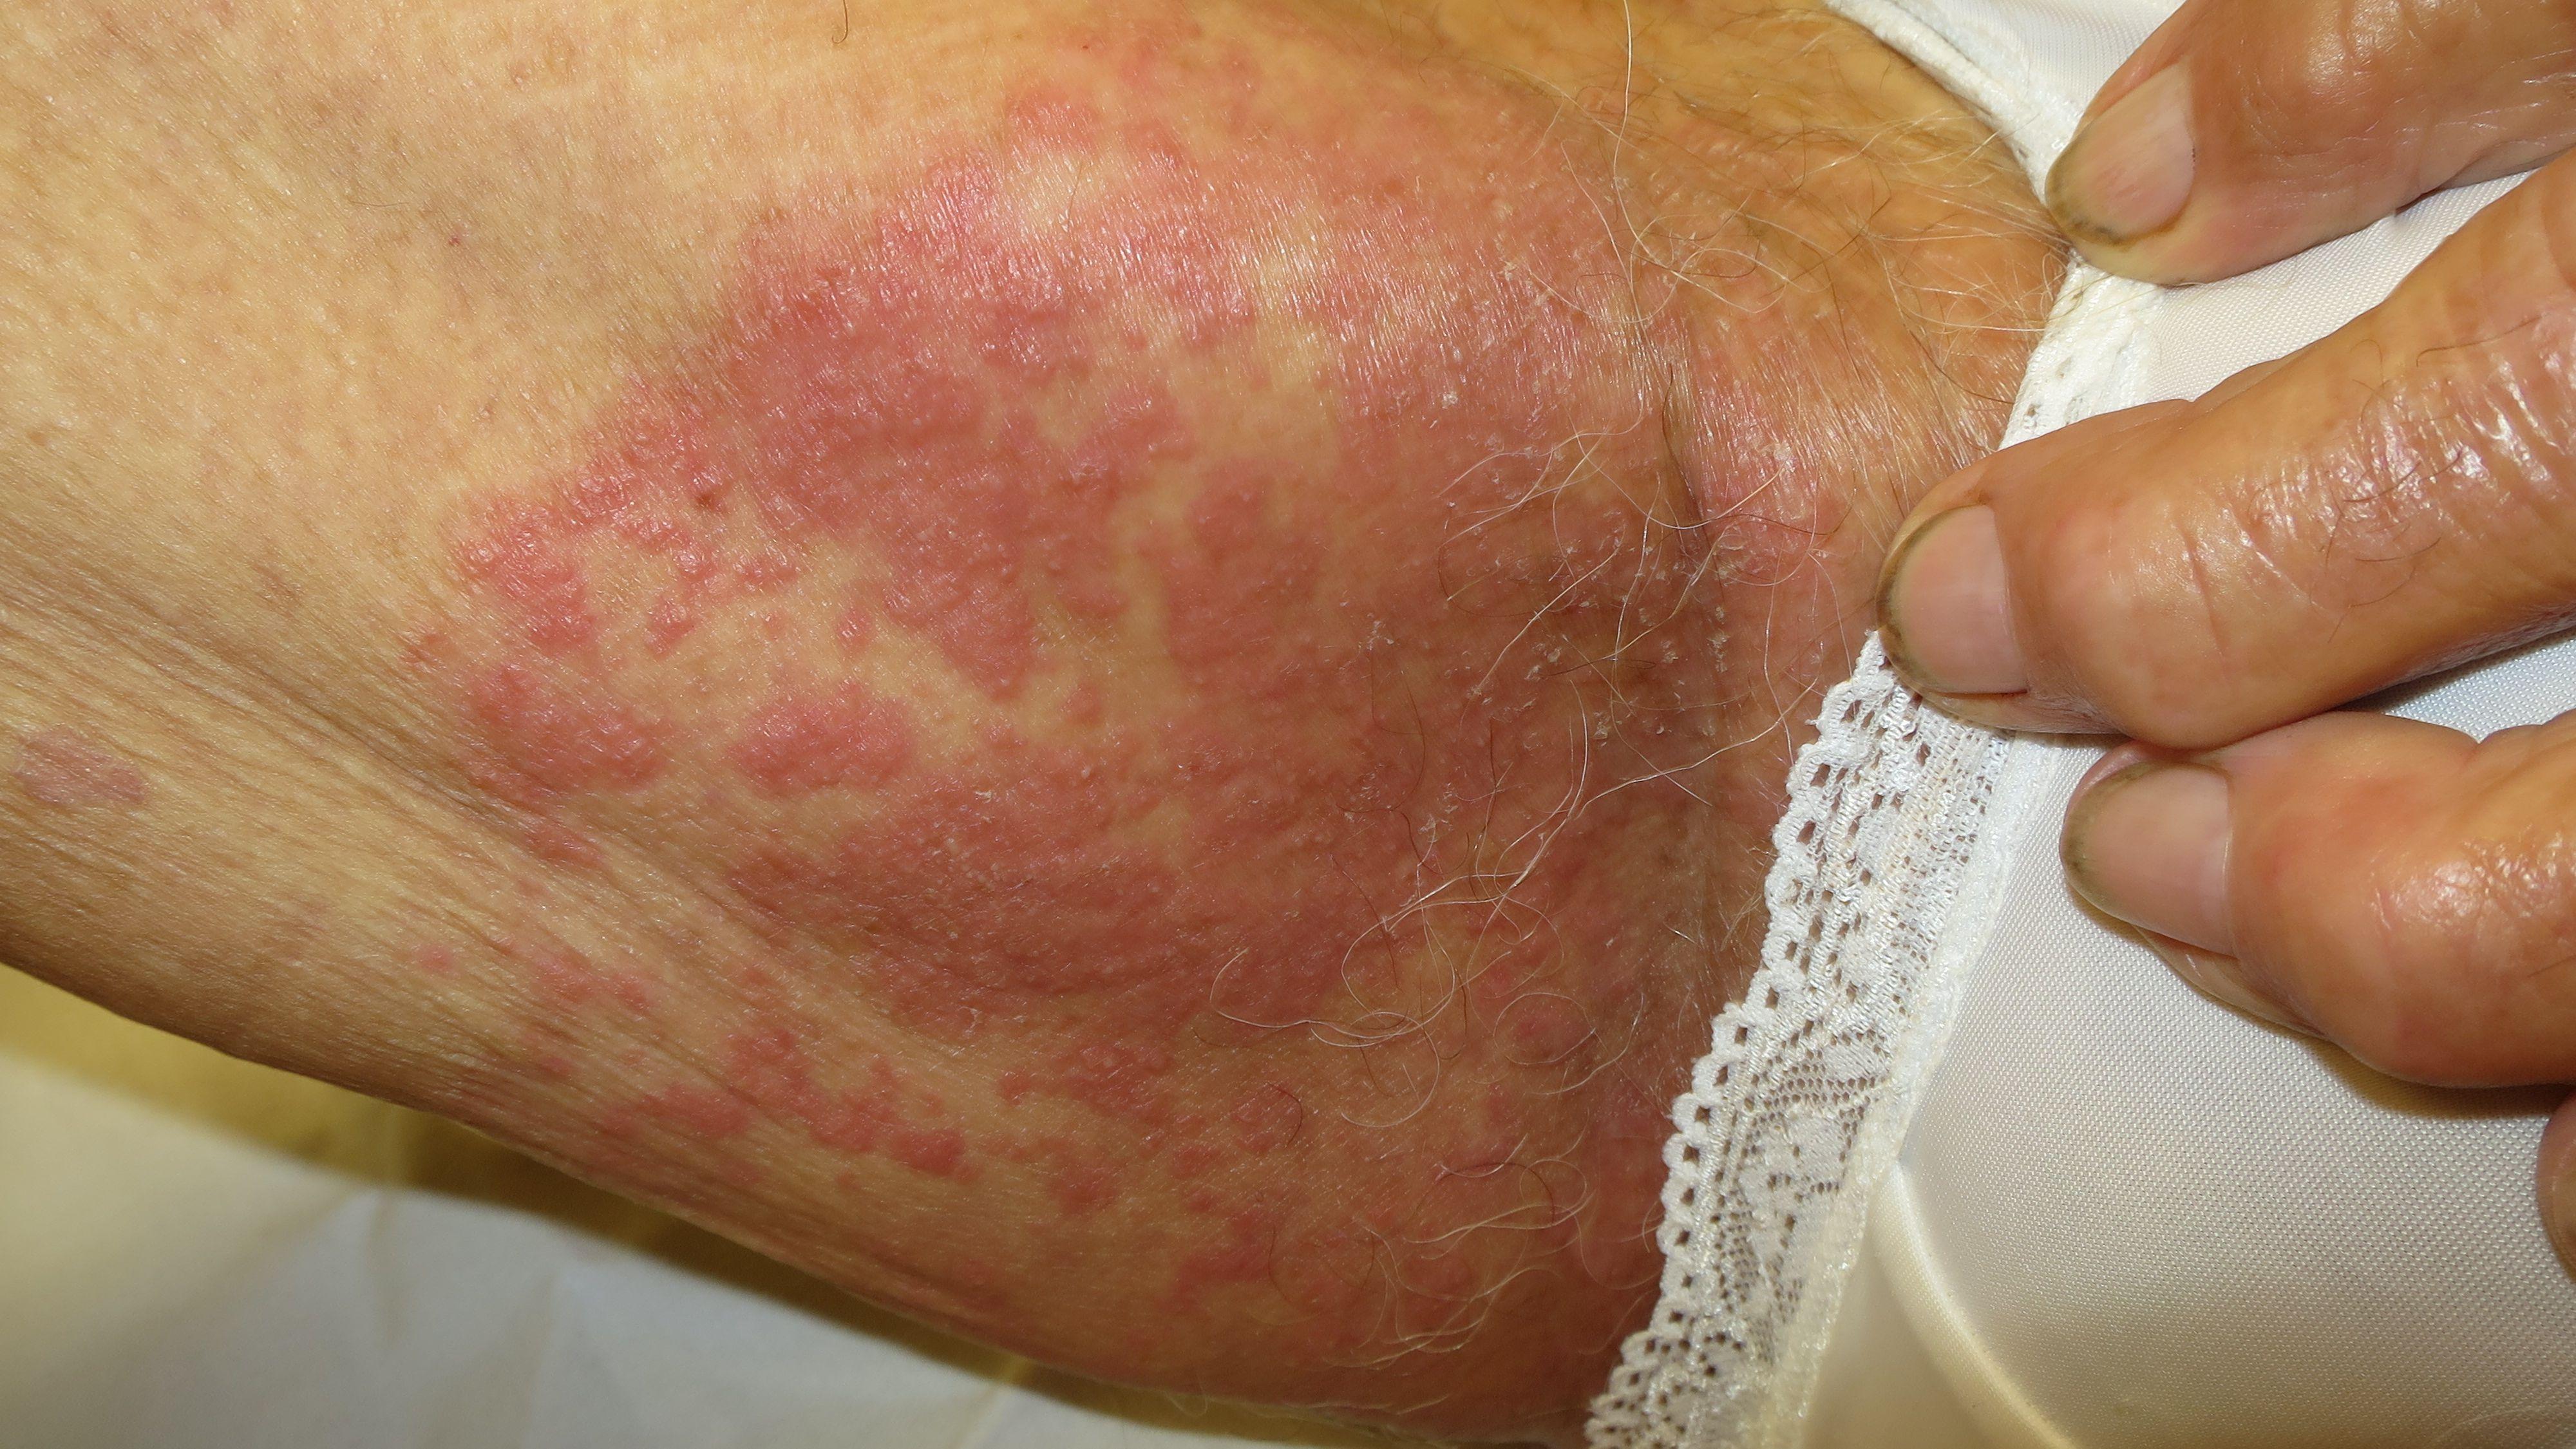 Symptoms Causes And Treatment Of Intertrigo